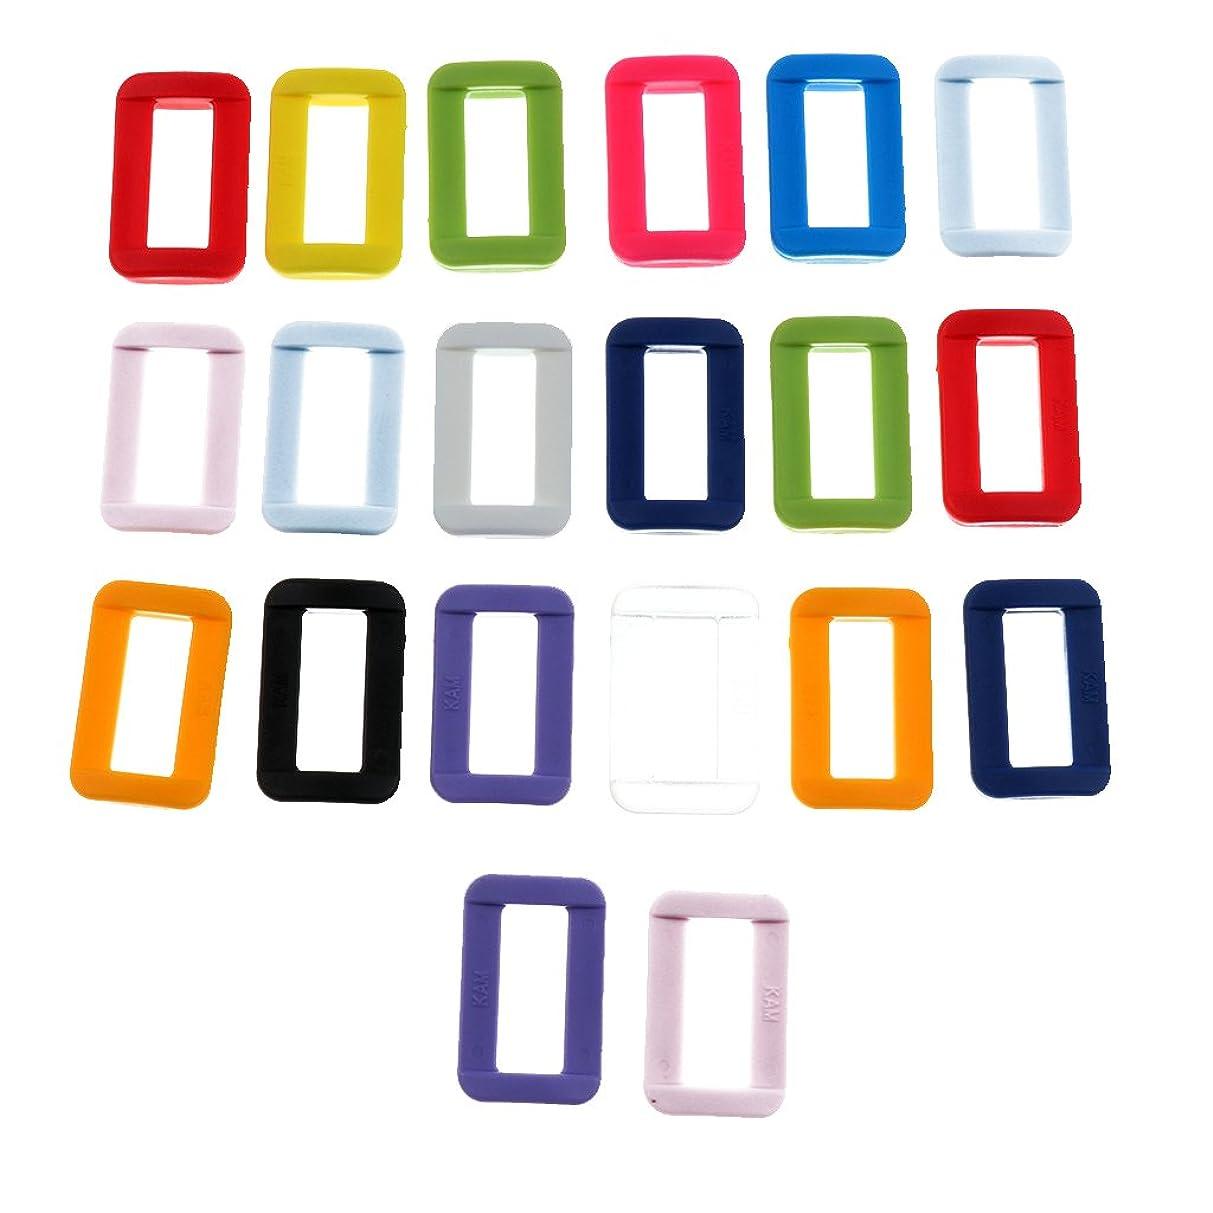 イヤホン歩行者出演者Fityle 20色 カラフル ウェビング カラーカンプ 樹脂ループスライド ストラップ バックル 全2サイズ選べ - 20mm